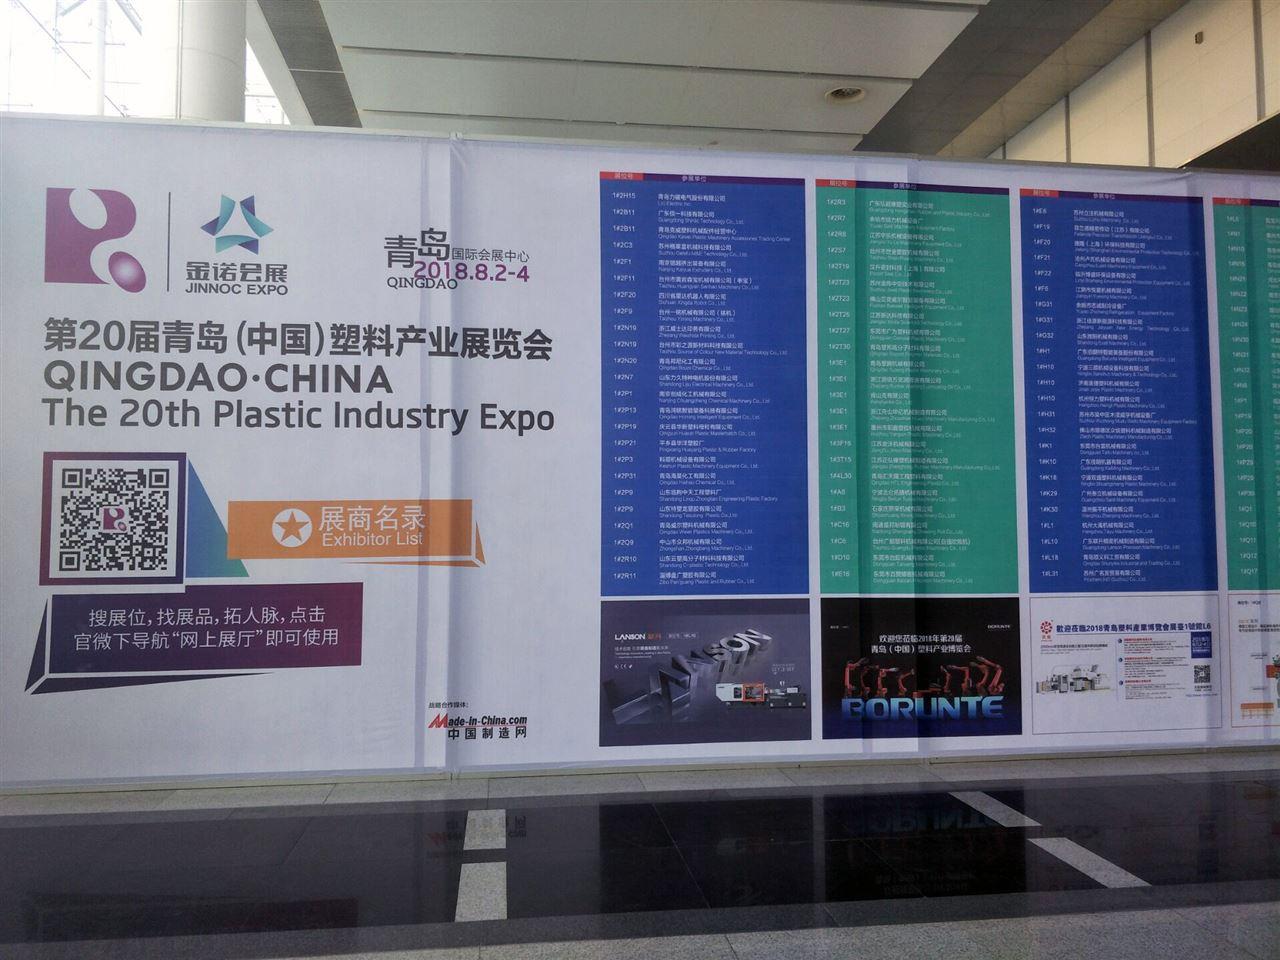 第20届青岛(中国)江苏快3产业展览会现场直击!